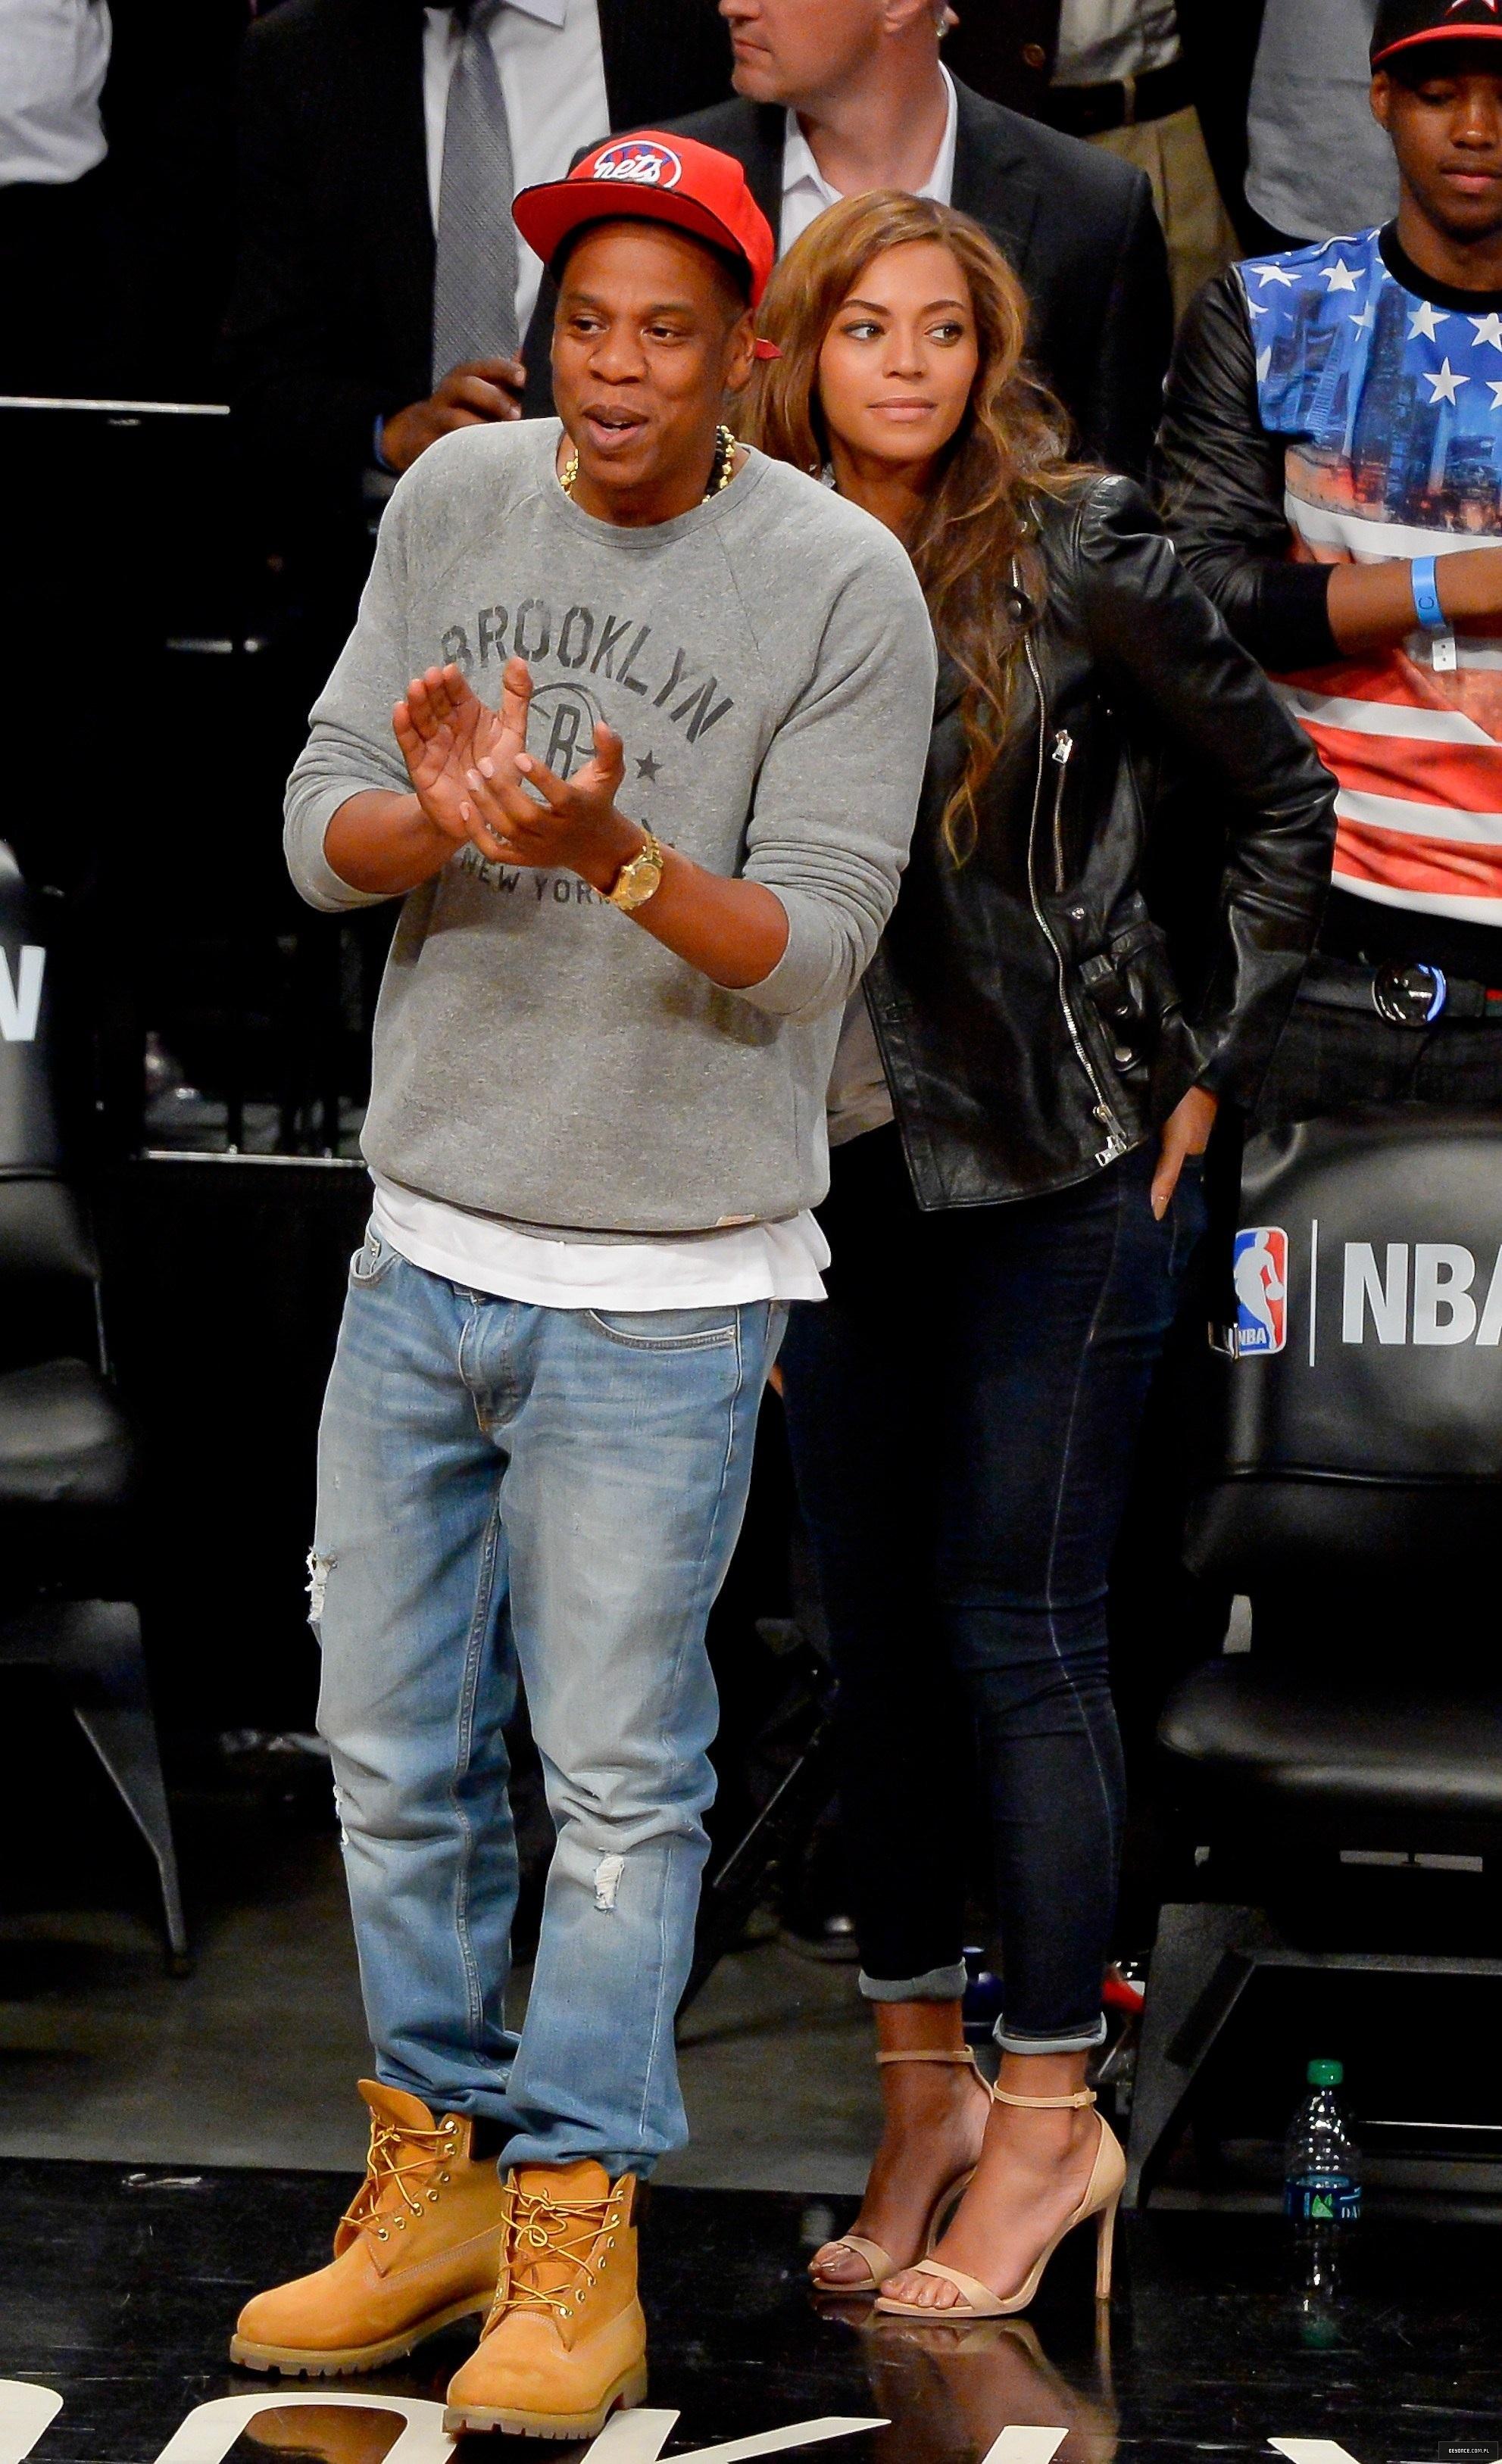 Beyoncé > Apariciones en público <Candids> [III] - Página 25 Toronto-brooklyn_game2_3